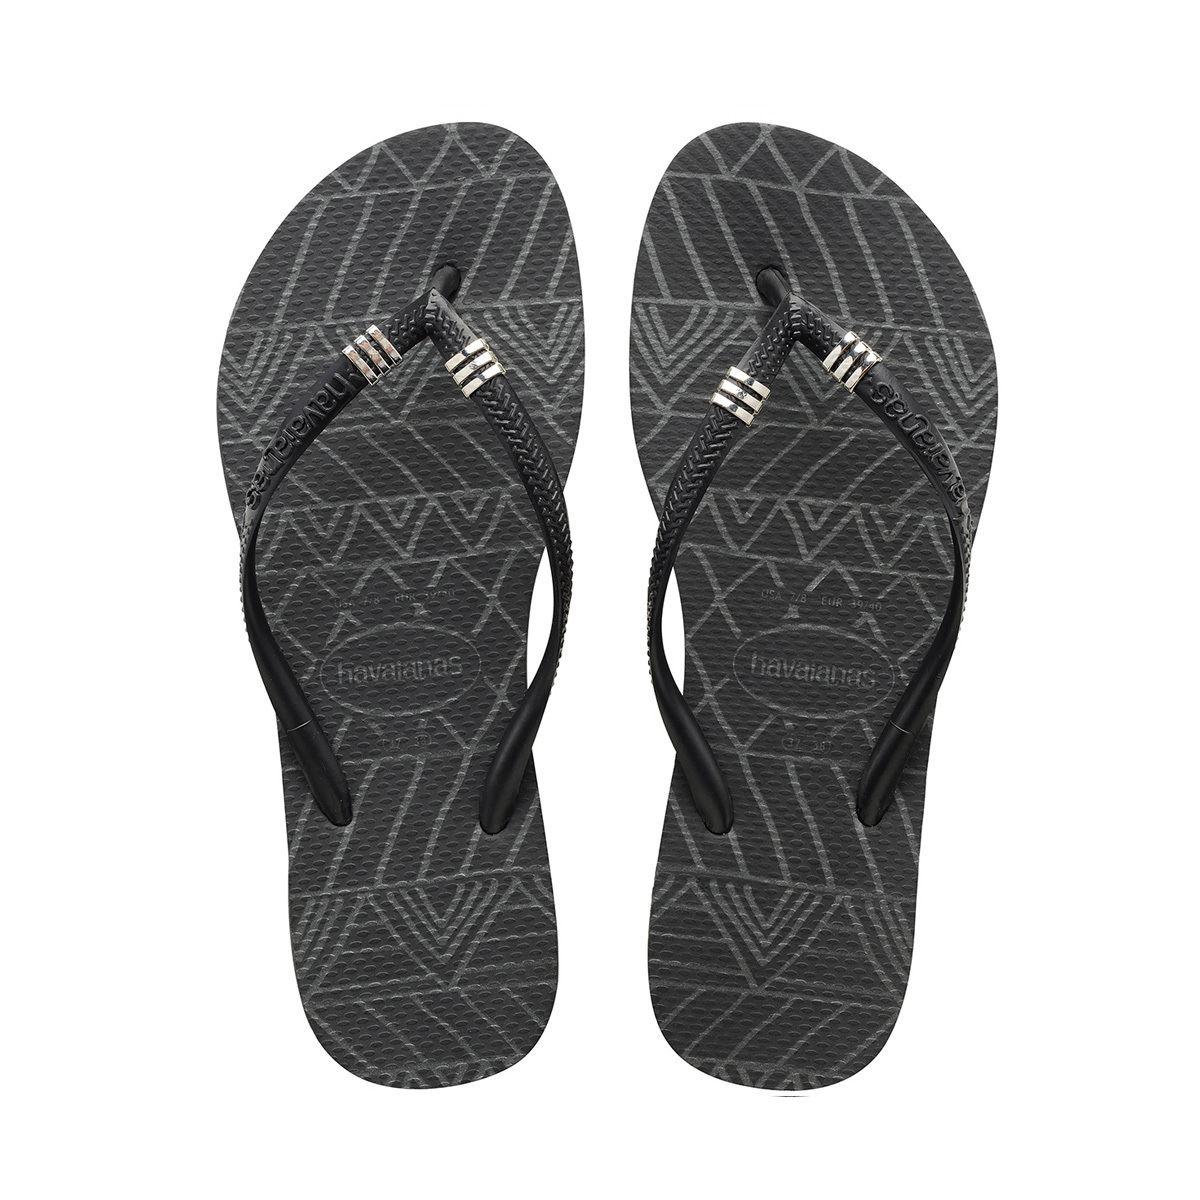 7ed778620f1d52 Details about Havaianas Slim Tribal Black Women Flip Flops Sandals All Size